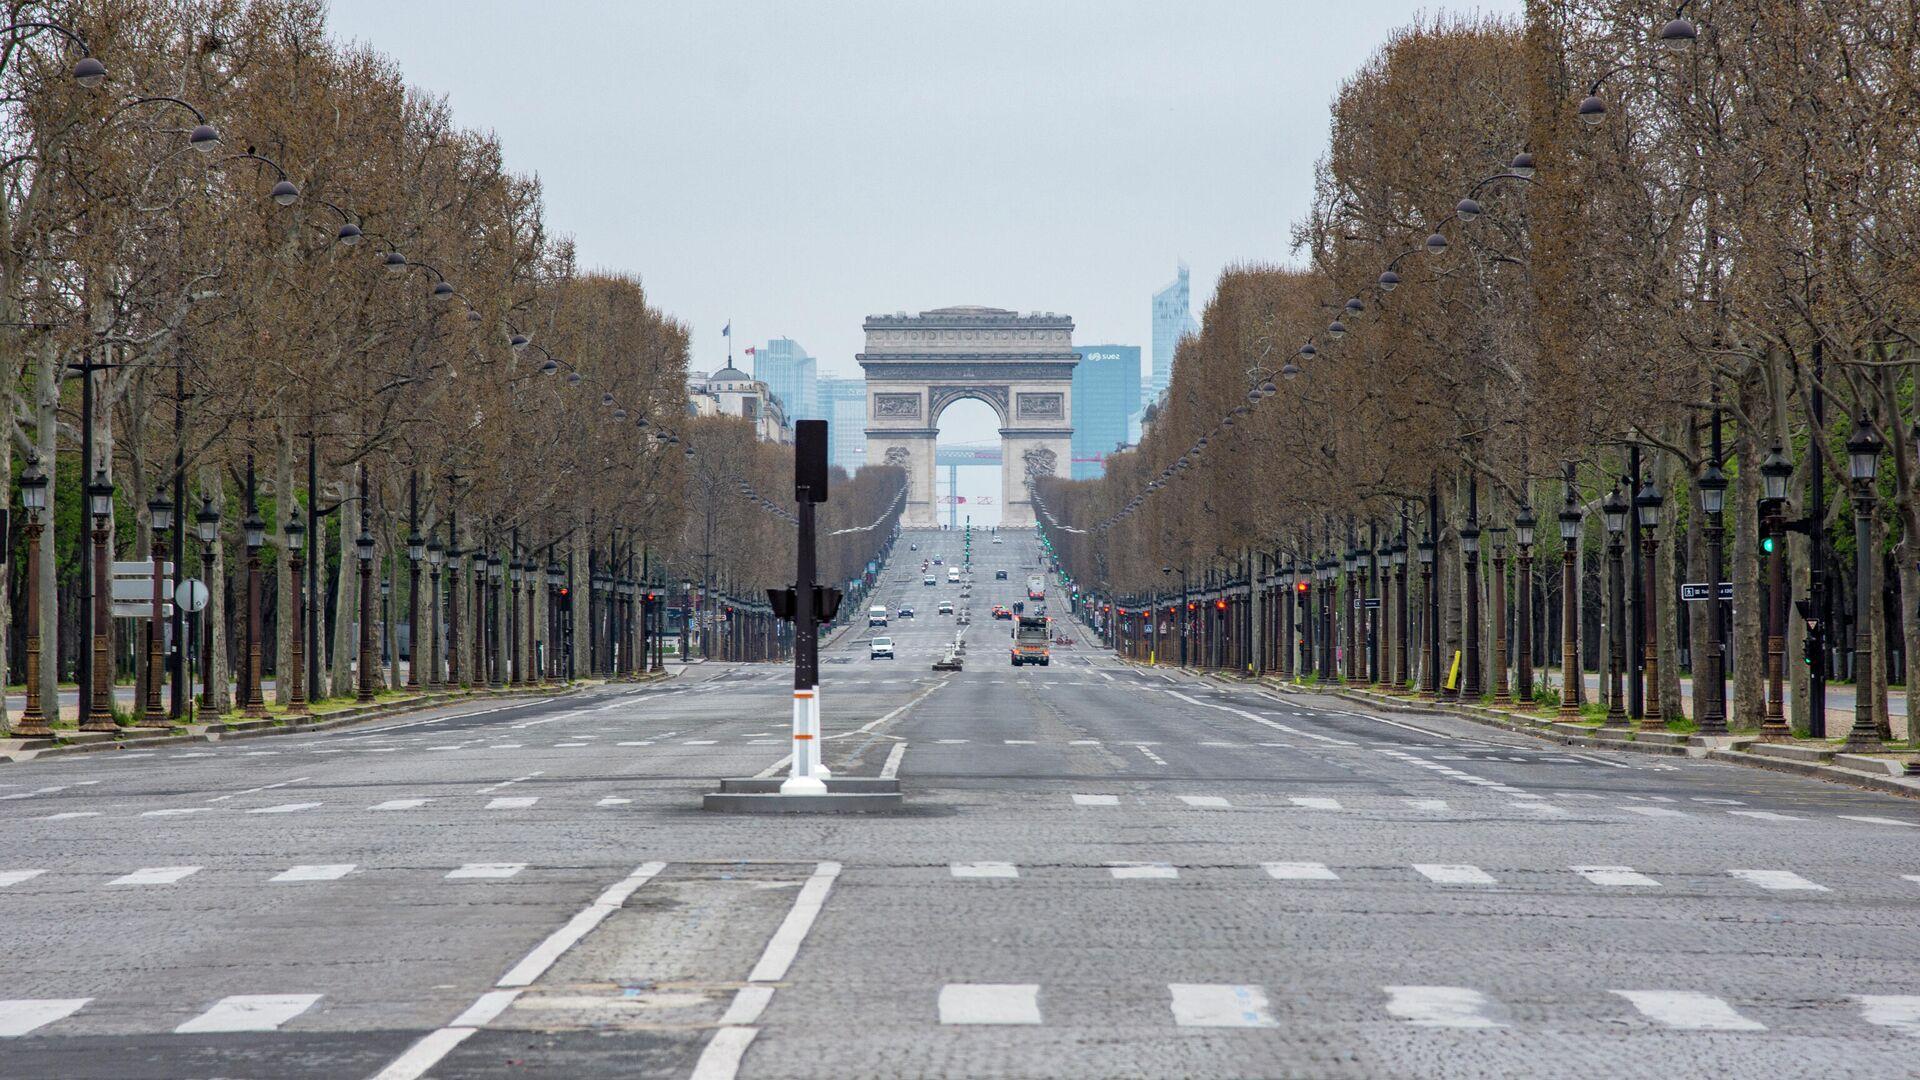 1569000230 0:160:3072:1888 1920x0 80 0 0 daf034c0bb1e36a850bba0a945544339 - Обошлось. Полиция не обнаружила бомбу возле Триумфальной арки в Париже